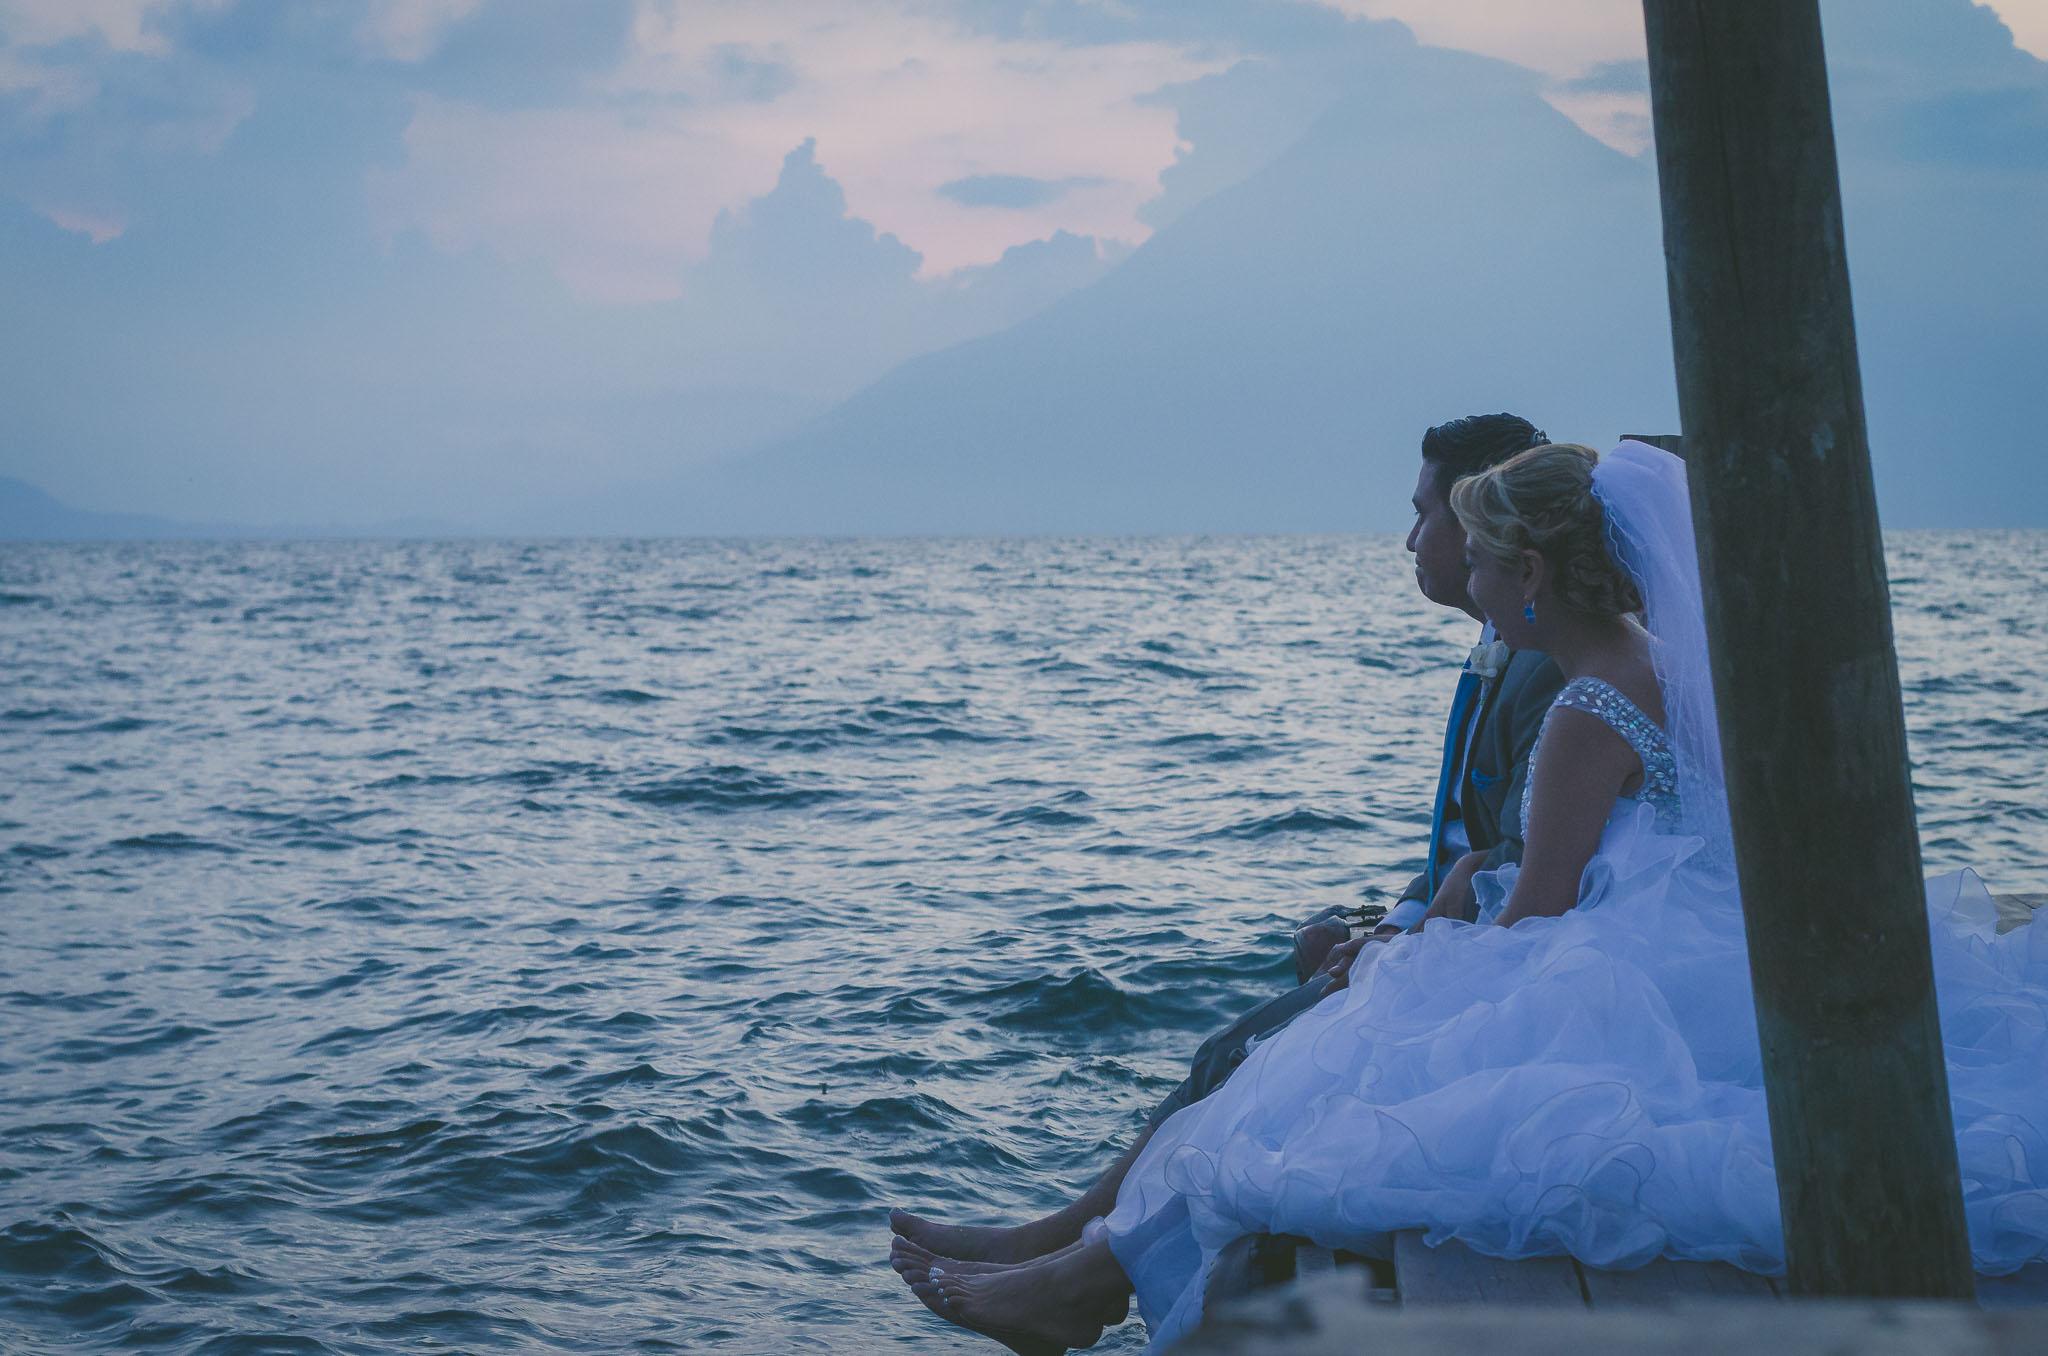 Elmar_y_Marlyn-Panajachel-Hotel_Jardines_del_lago-Juan_Salazar-Boda-Guatemala-solola-bodas_juan_salazar-juansalazarphoto-fotografo_de_bodas